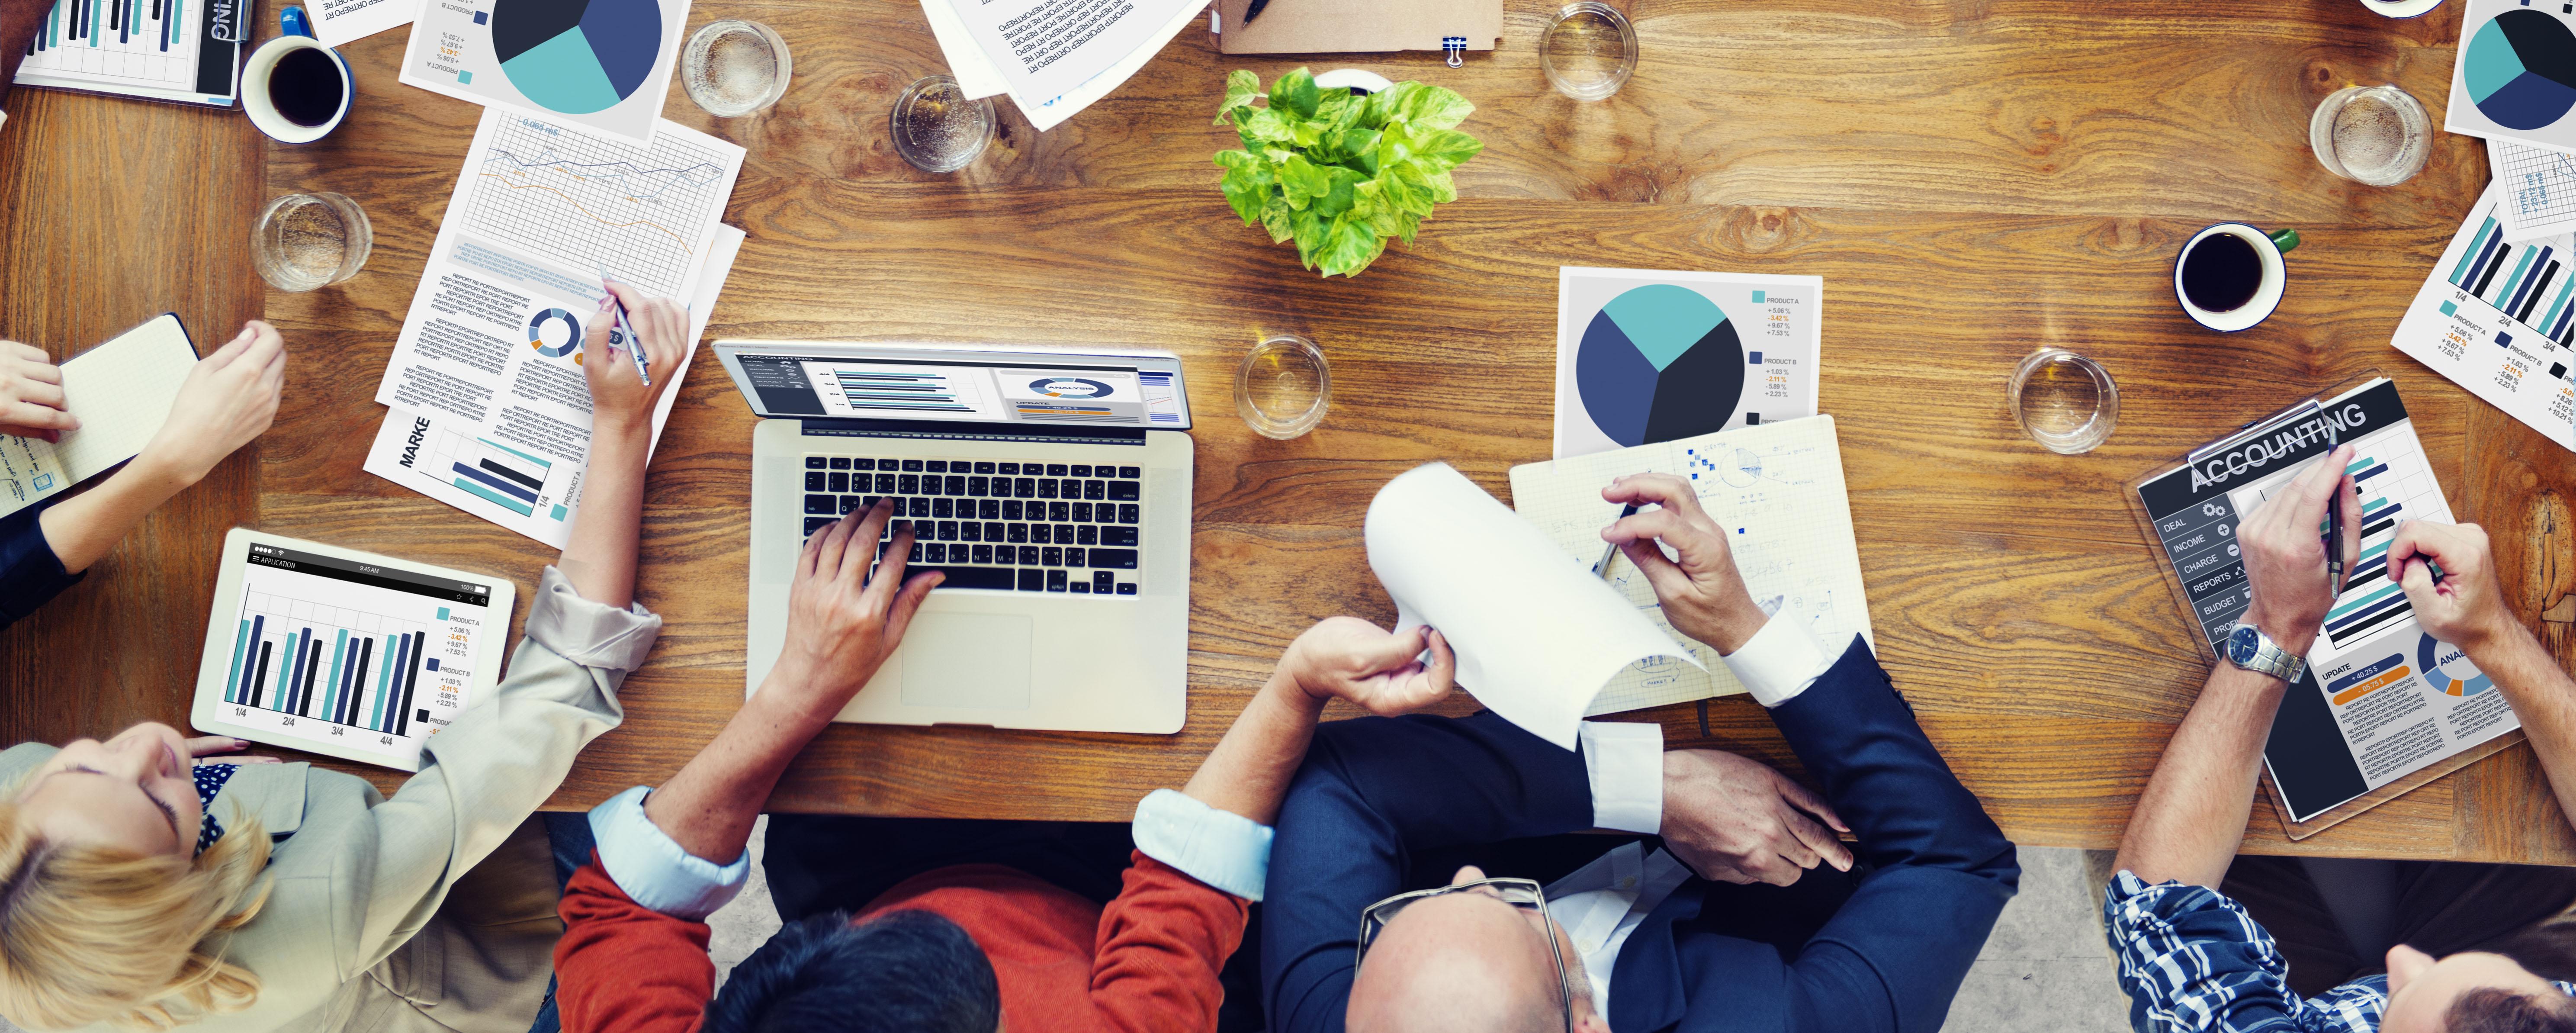 Marketing industrial: 8 tipos de contenidos para aumentar las ventas